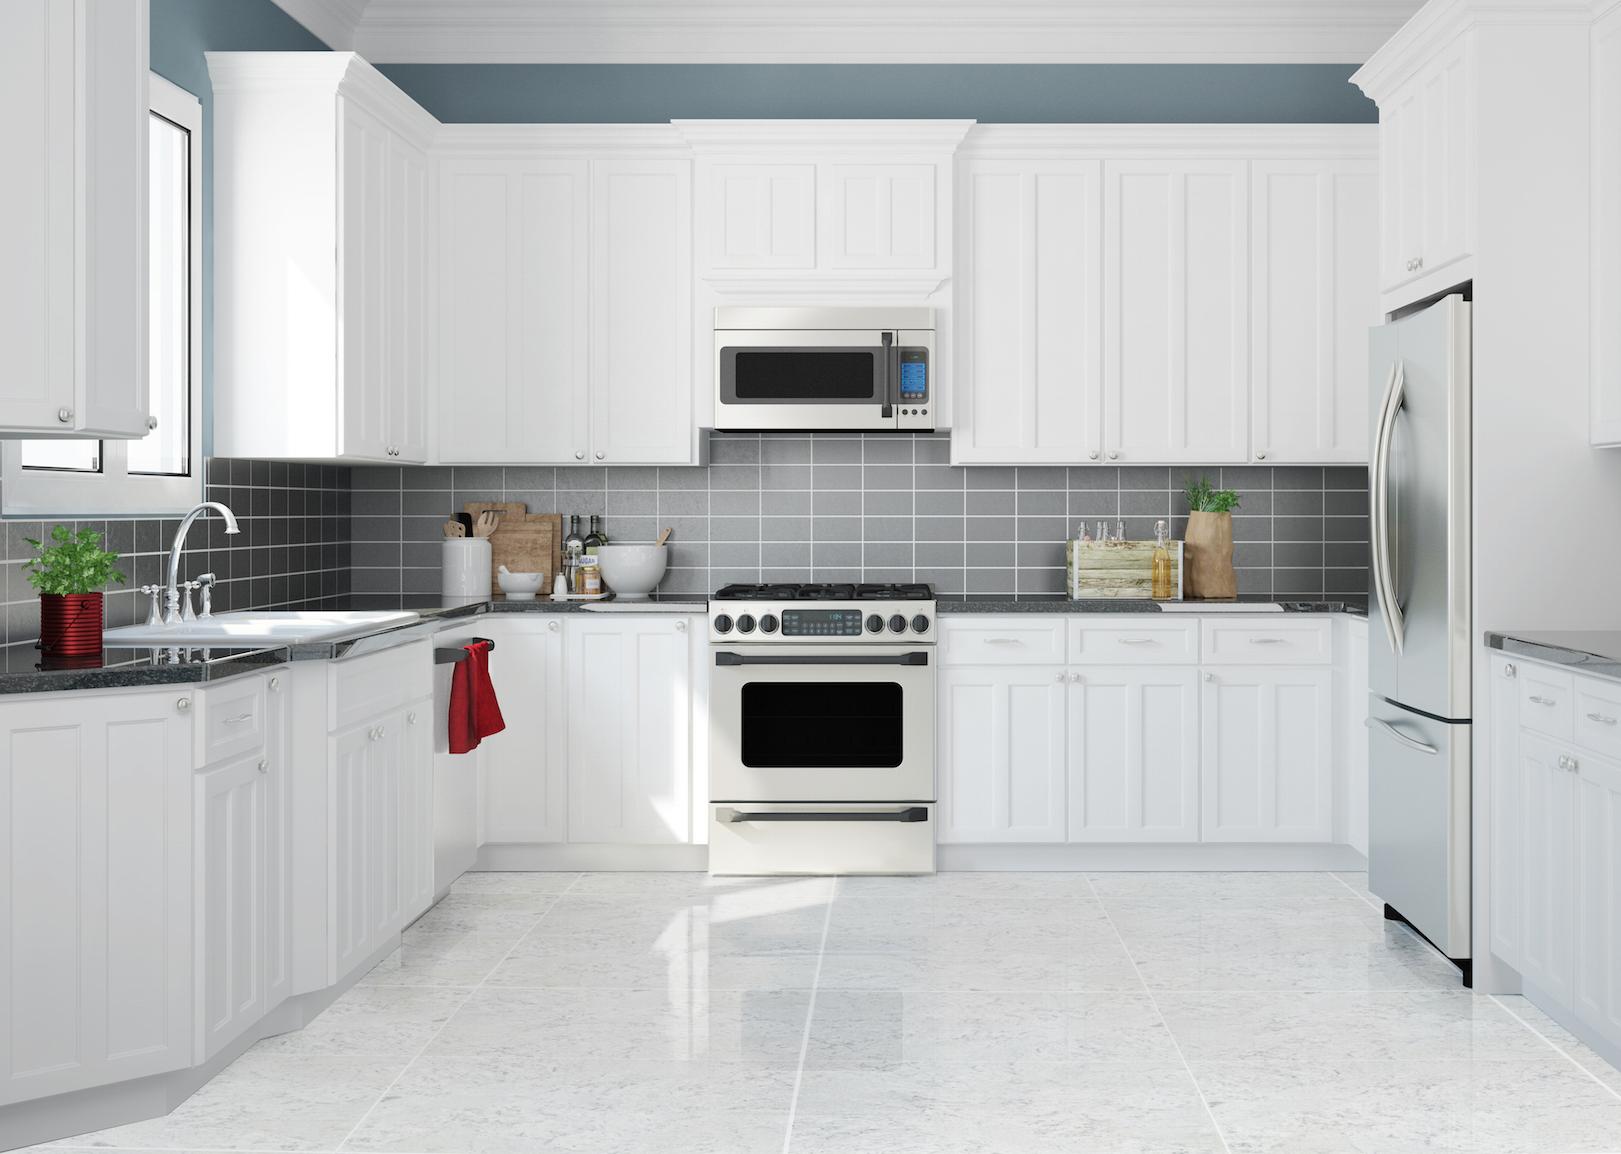 Piso alpone 55 5 x 55 5 cm blanco nuevas tendencias for Disena tu cocina en linea